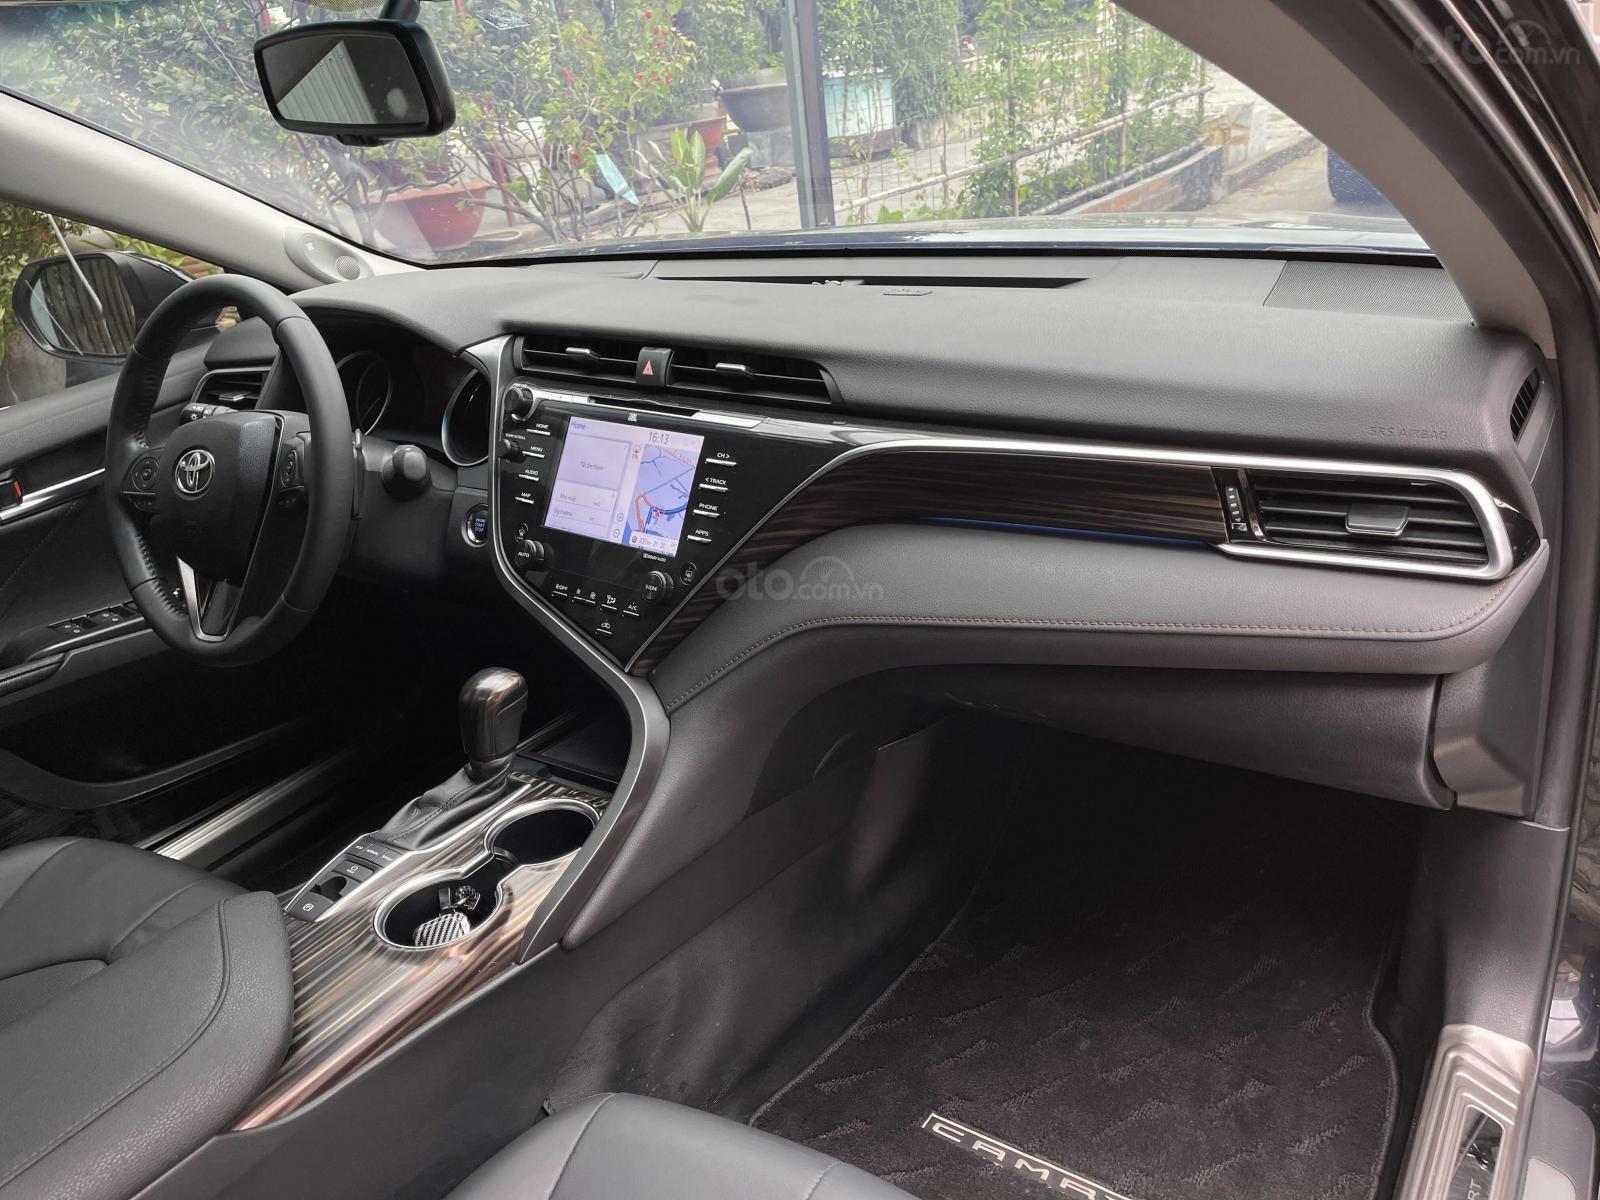 Toyota Camry 2.5Q model 2020 - Siêu lướt - Nhập khẩu  (12)